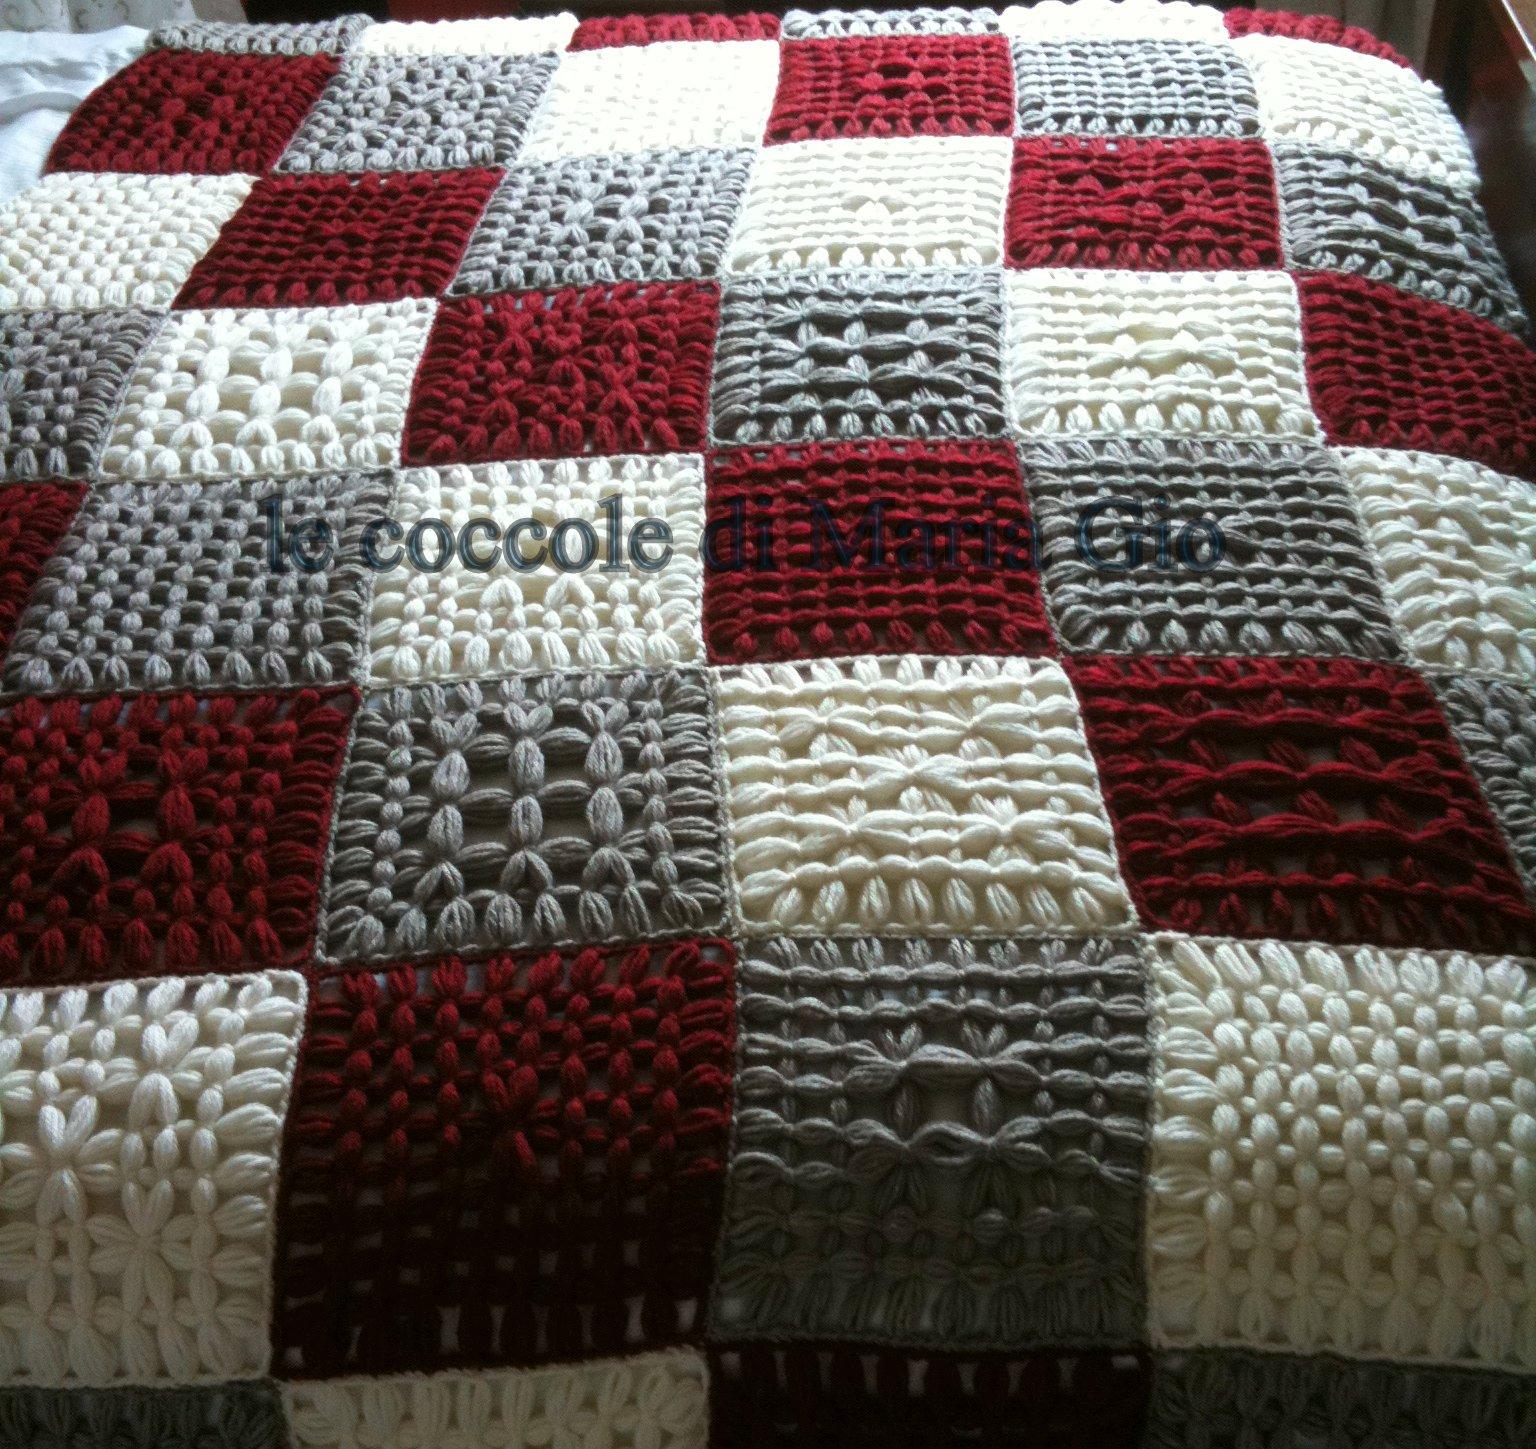 Le coccole di maria gio coperta in lana alpaca a scacchiera - Coperte per letto matrimoniale ...